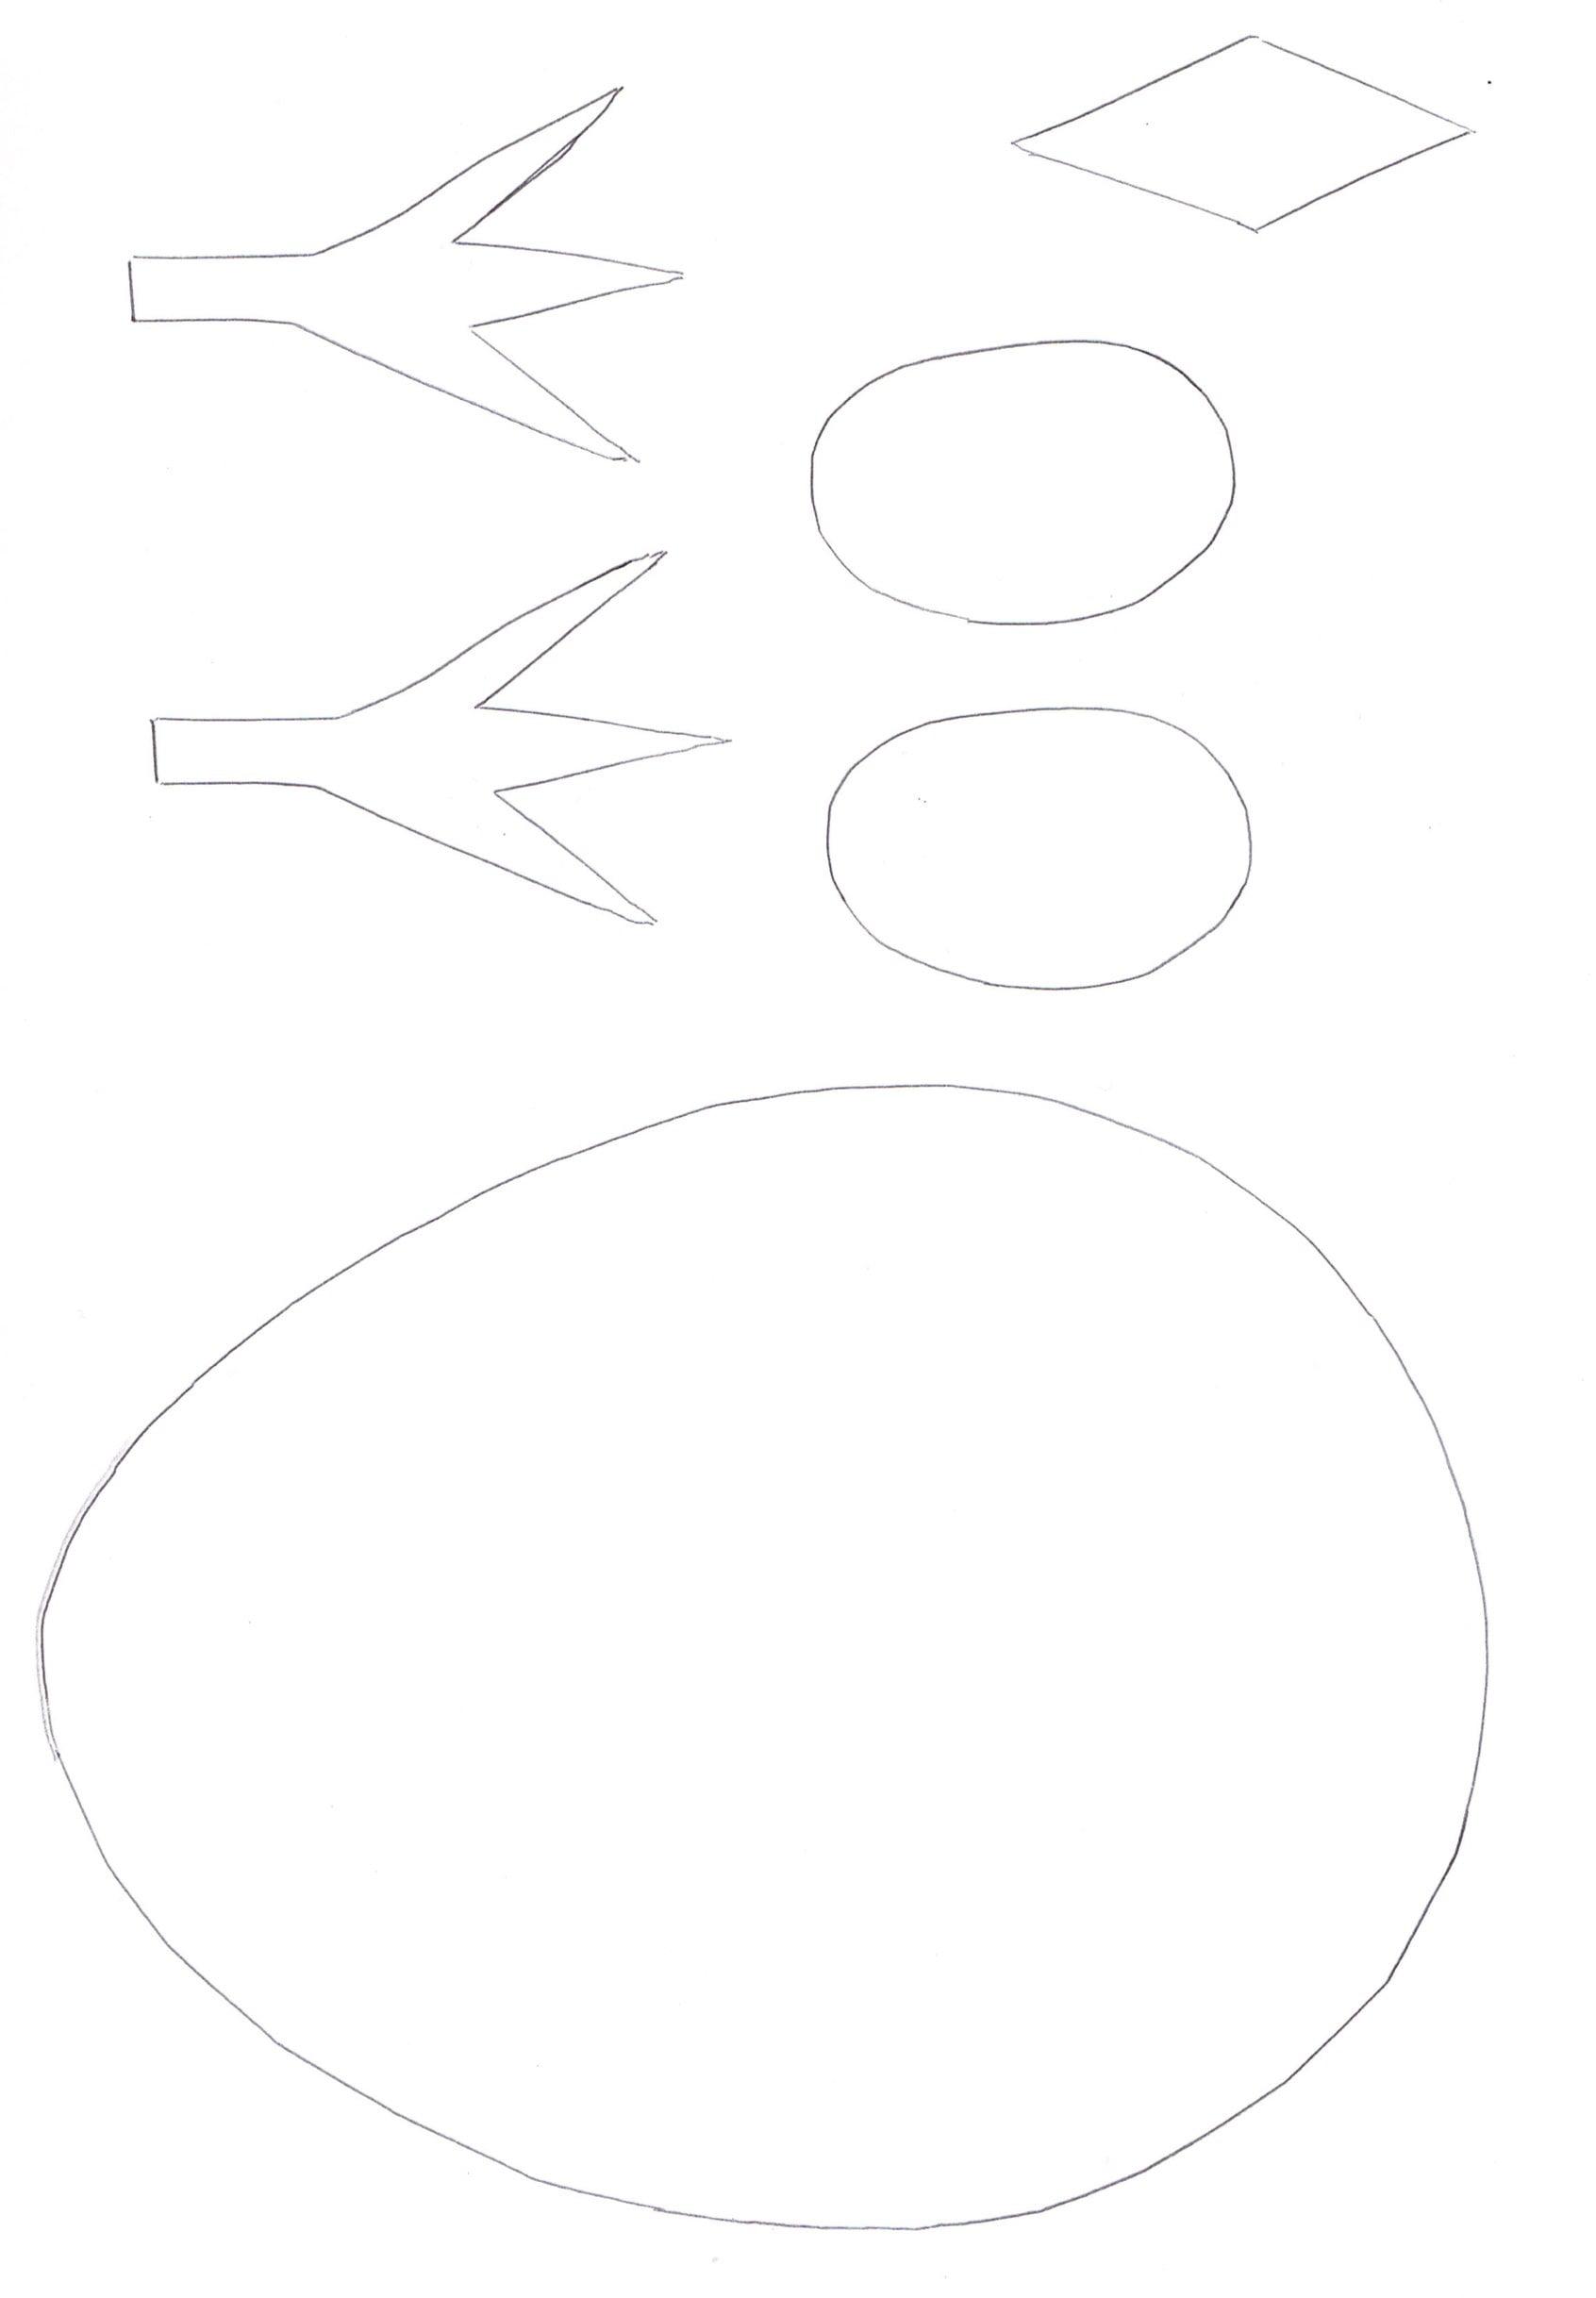 Kurczaczki ze skrzydełkami z odrysowanych rączek Anna Kowalska Prace plastyczne Prace plastyczne (Dzień Zwierząt) Prace plastyczne (Wielkanoc) Światowy Dzień Zwierząt Zwierzęta